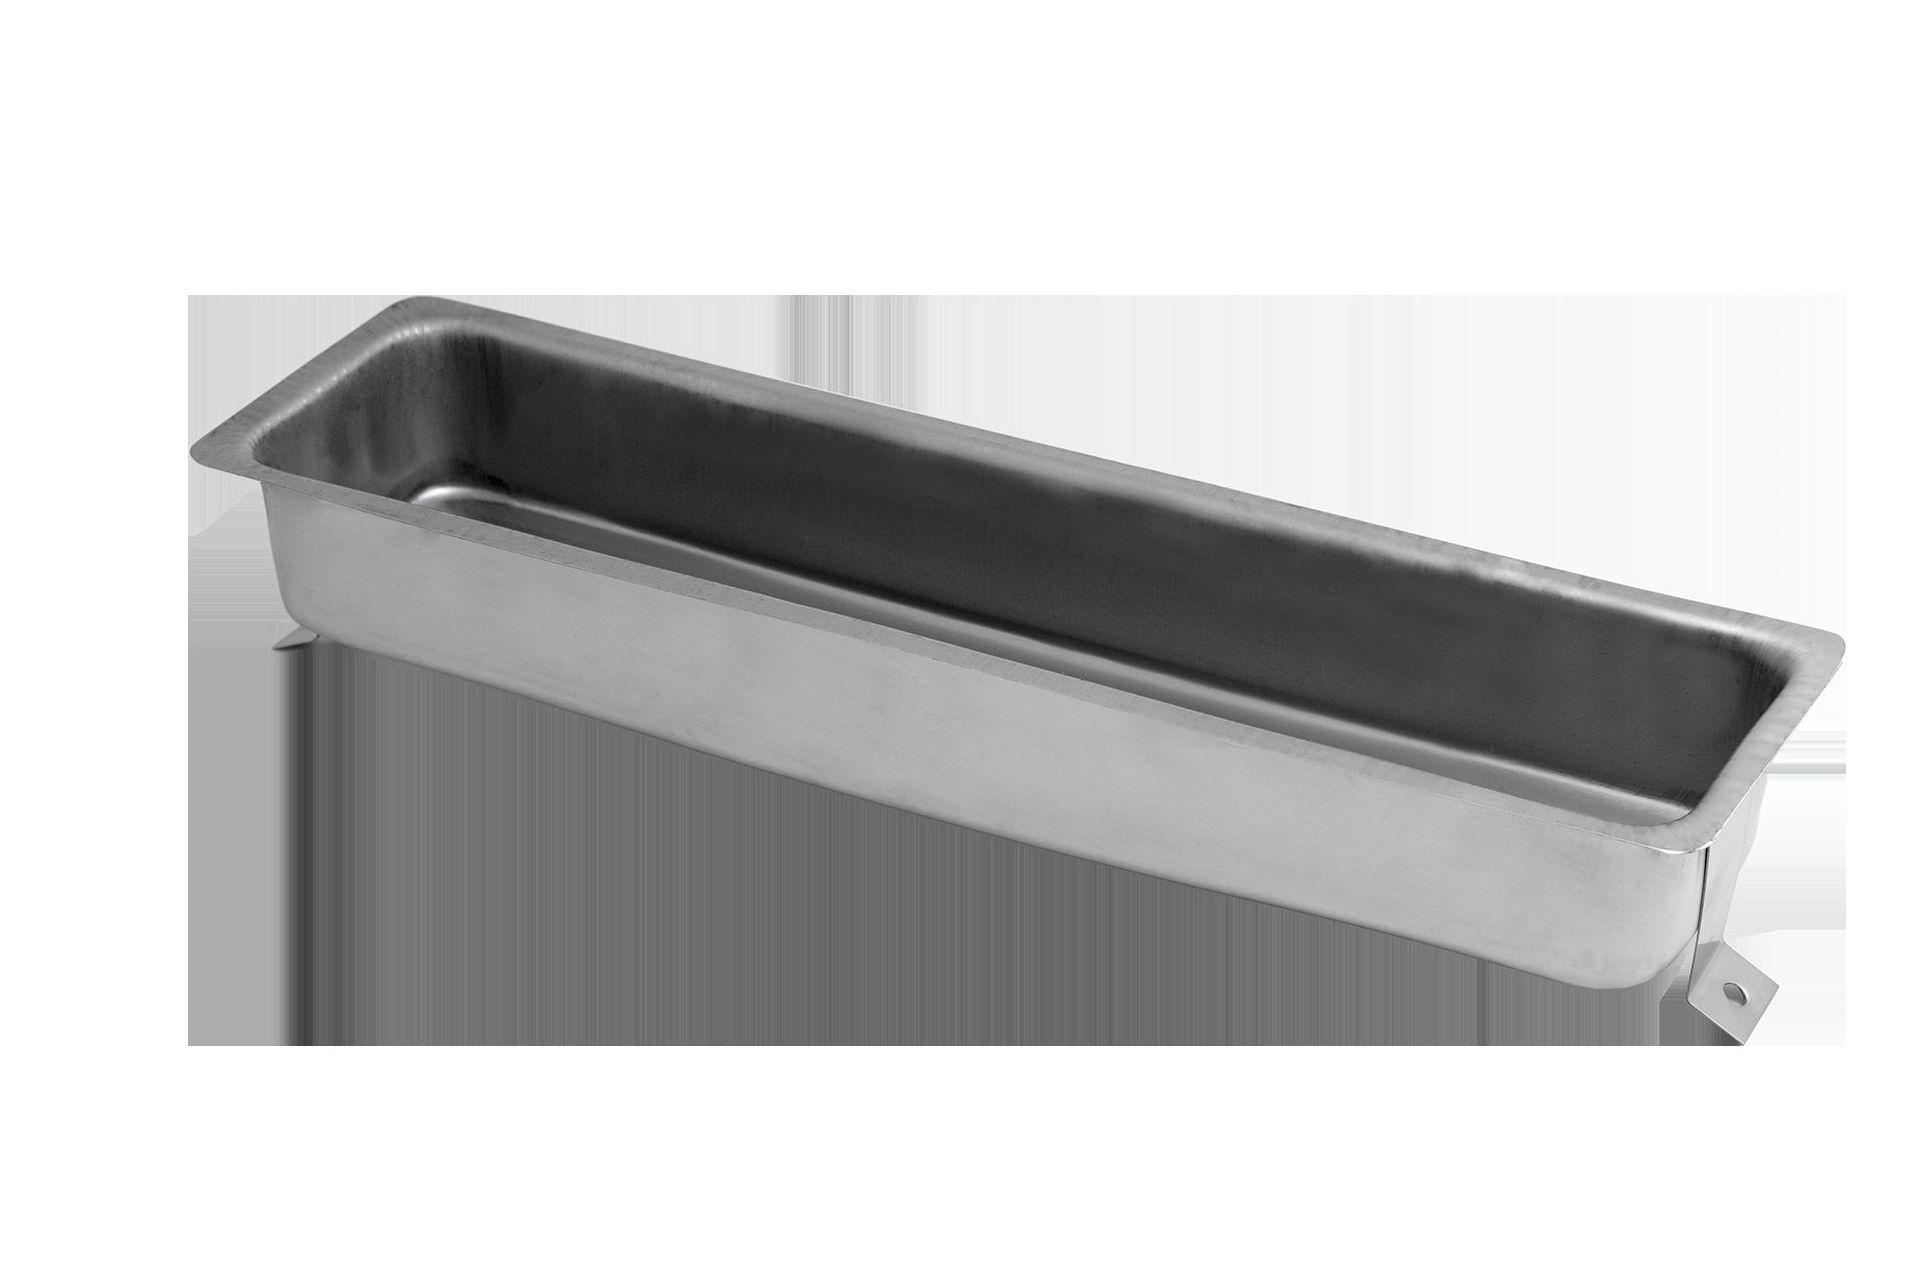 Bandeja evaporativa compuesta por 2 anclajes   : Productos   de Miracor